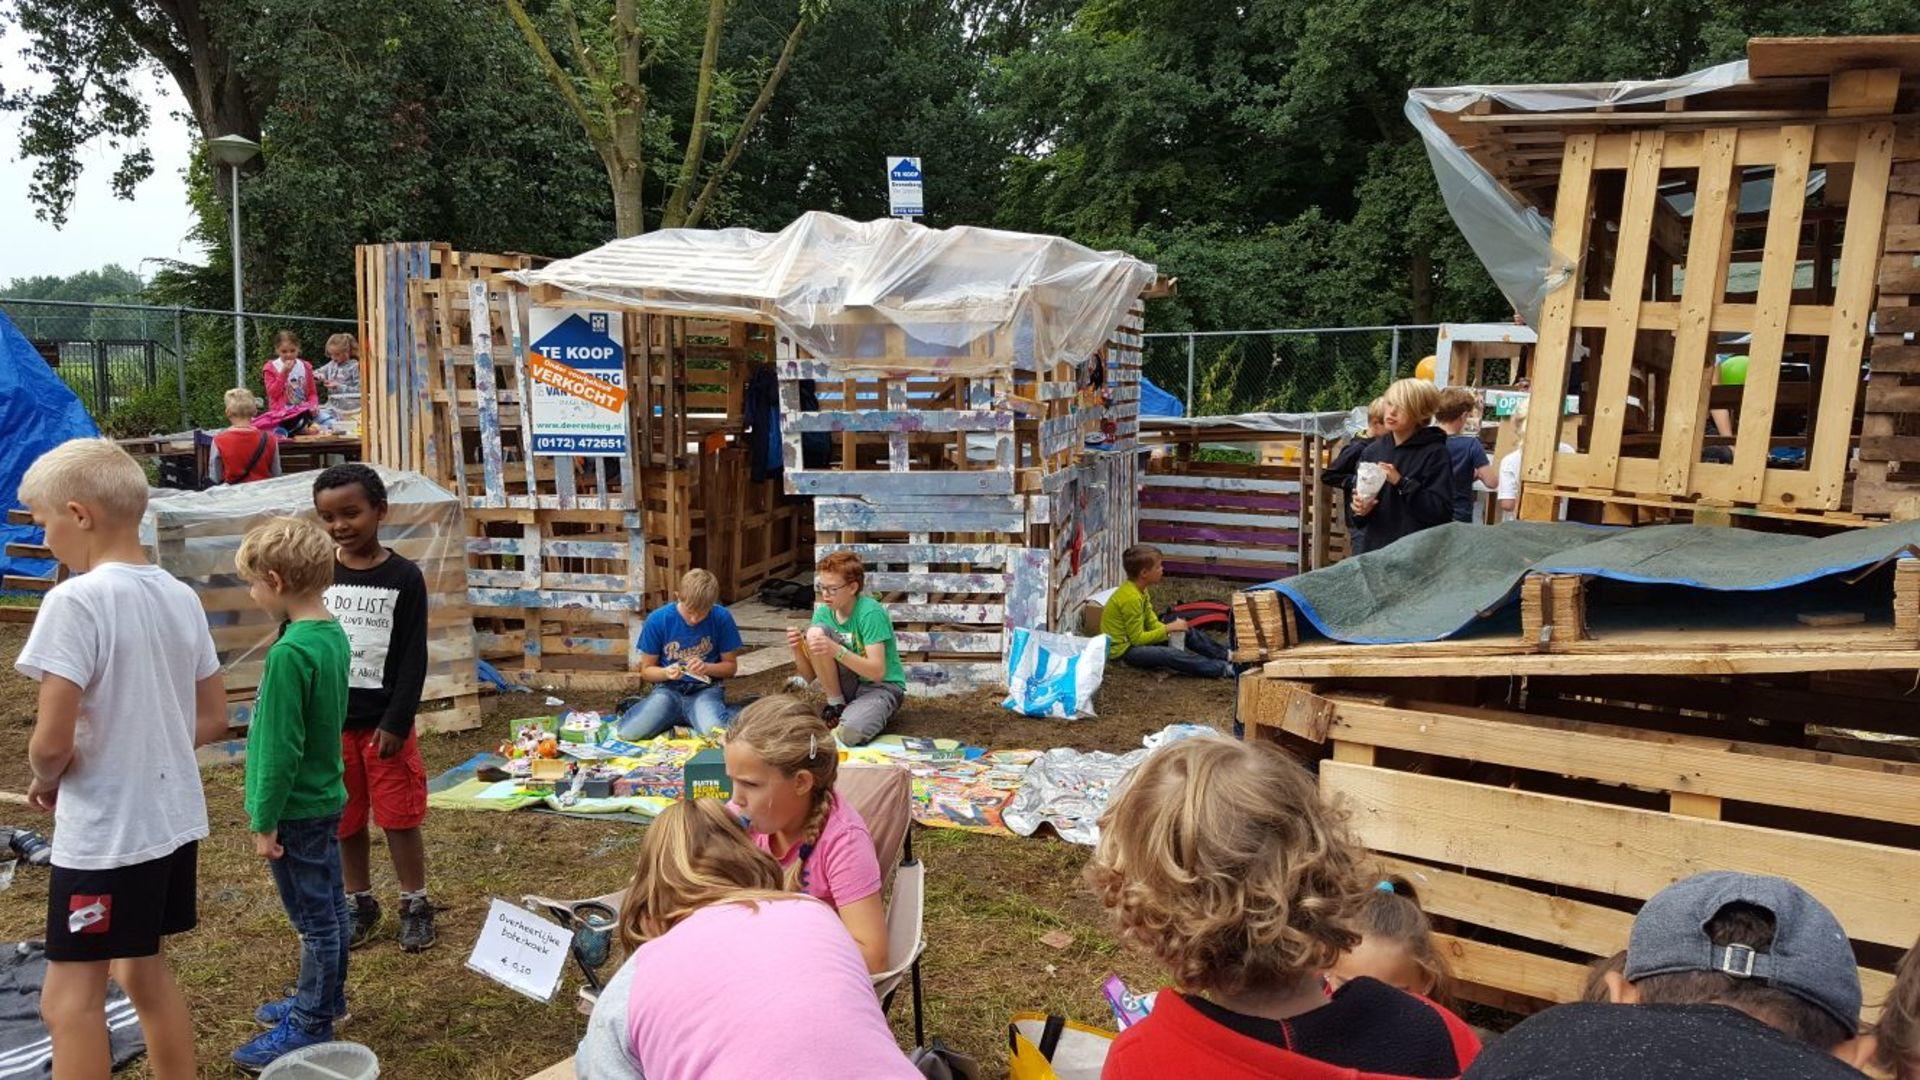 Deerenberg & Van Leeuwen taxeert bij huttenbouw